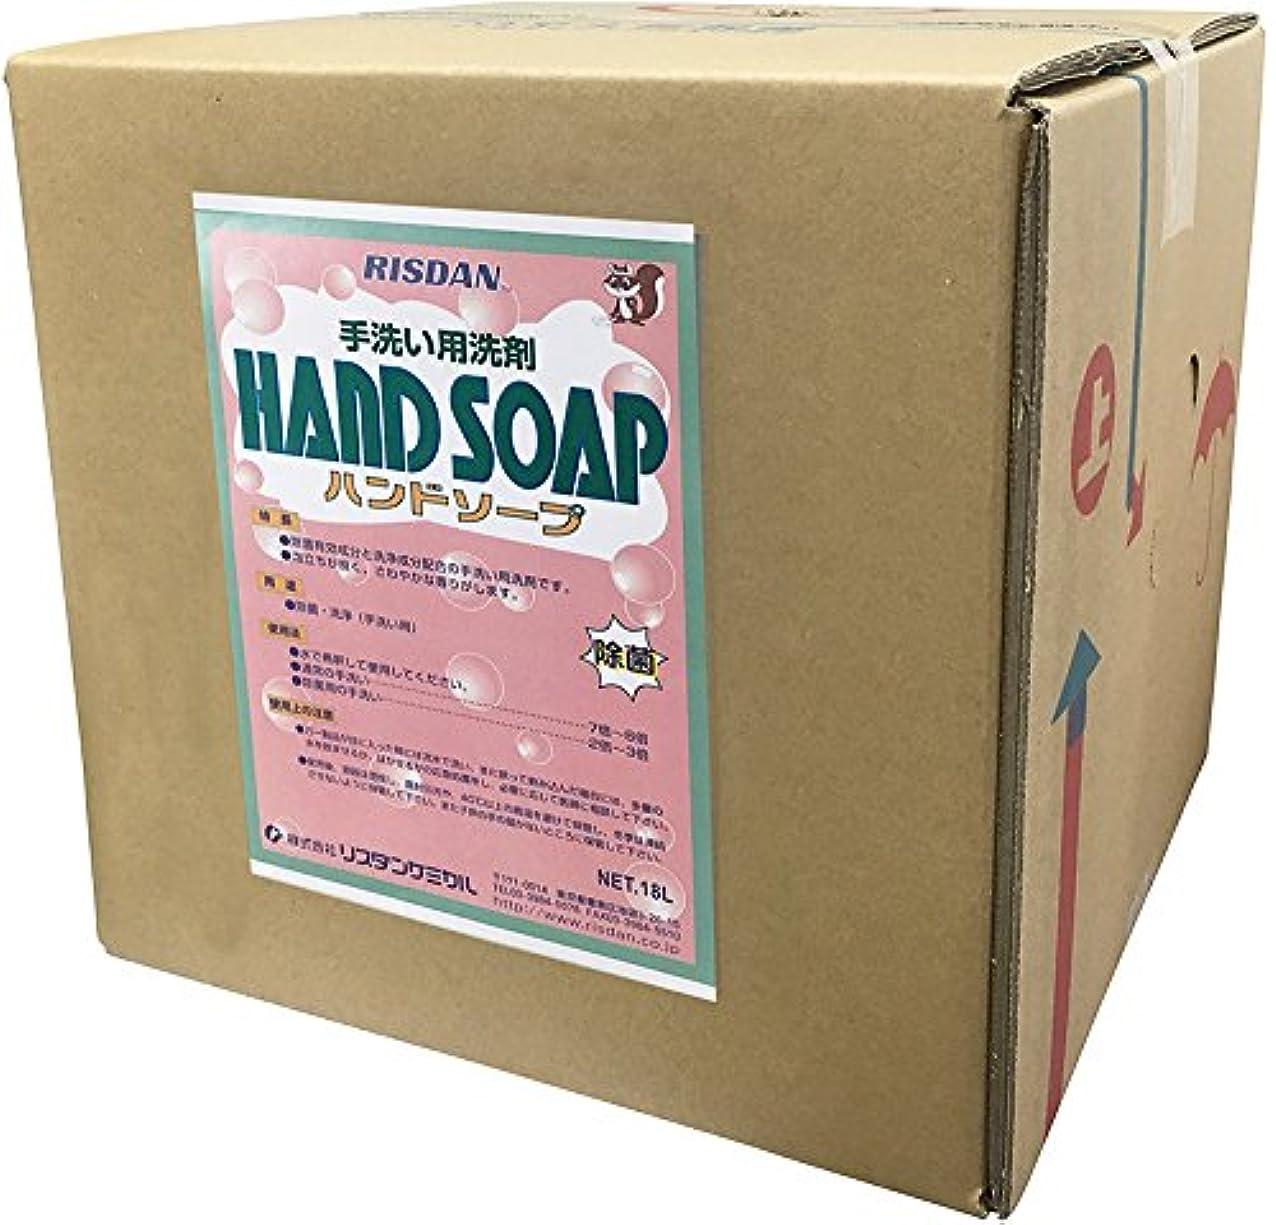 思いつくイブニング汚すリスダンケミカル ハンドソープ 18L 手洗い用洗剤